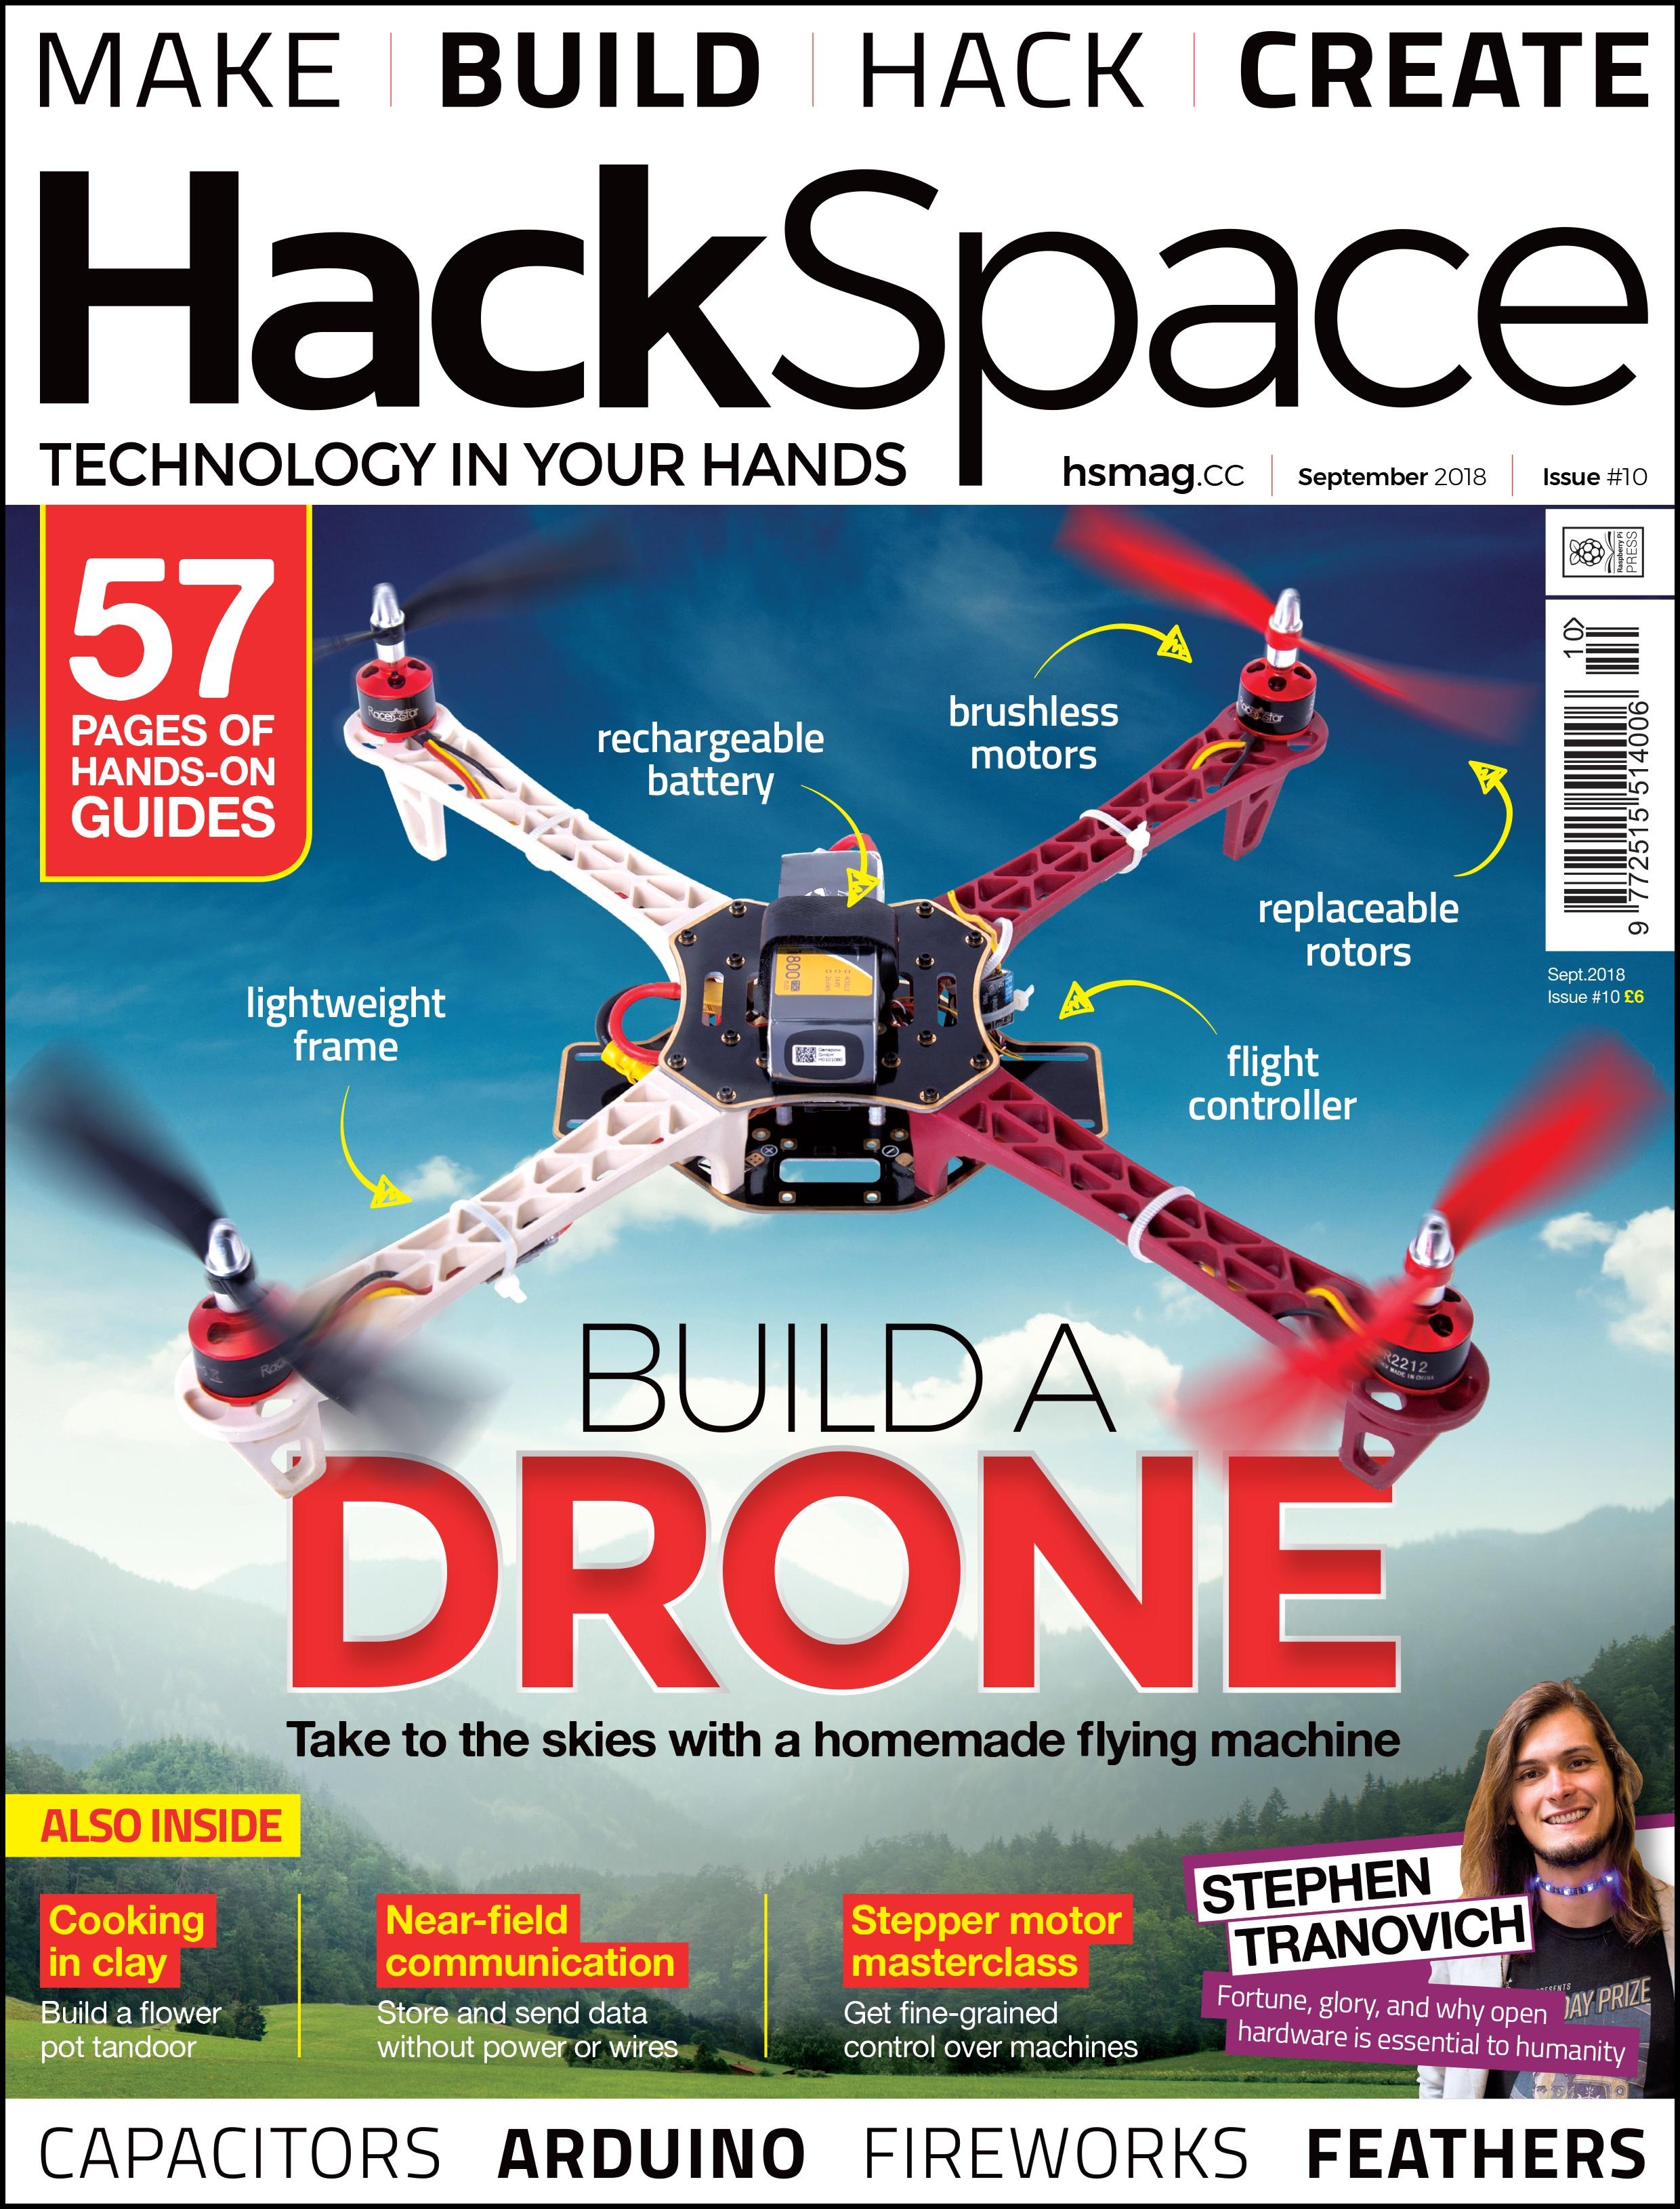 Hs 10 cover web